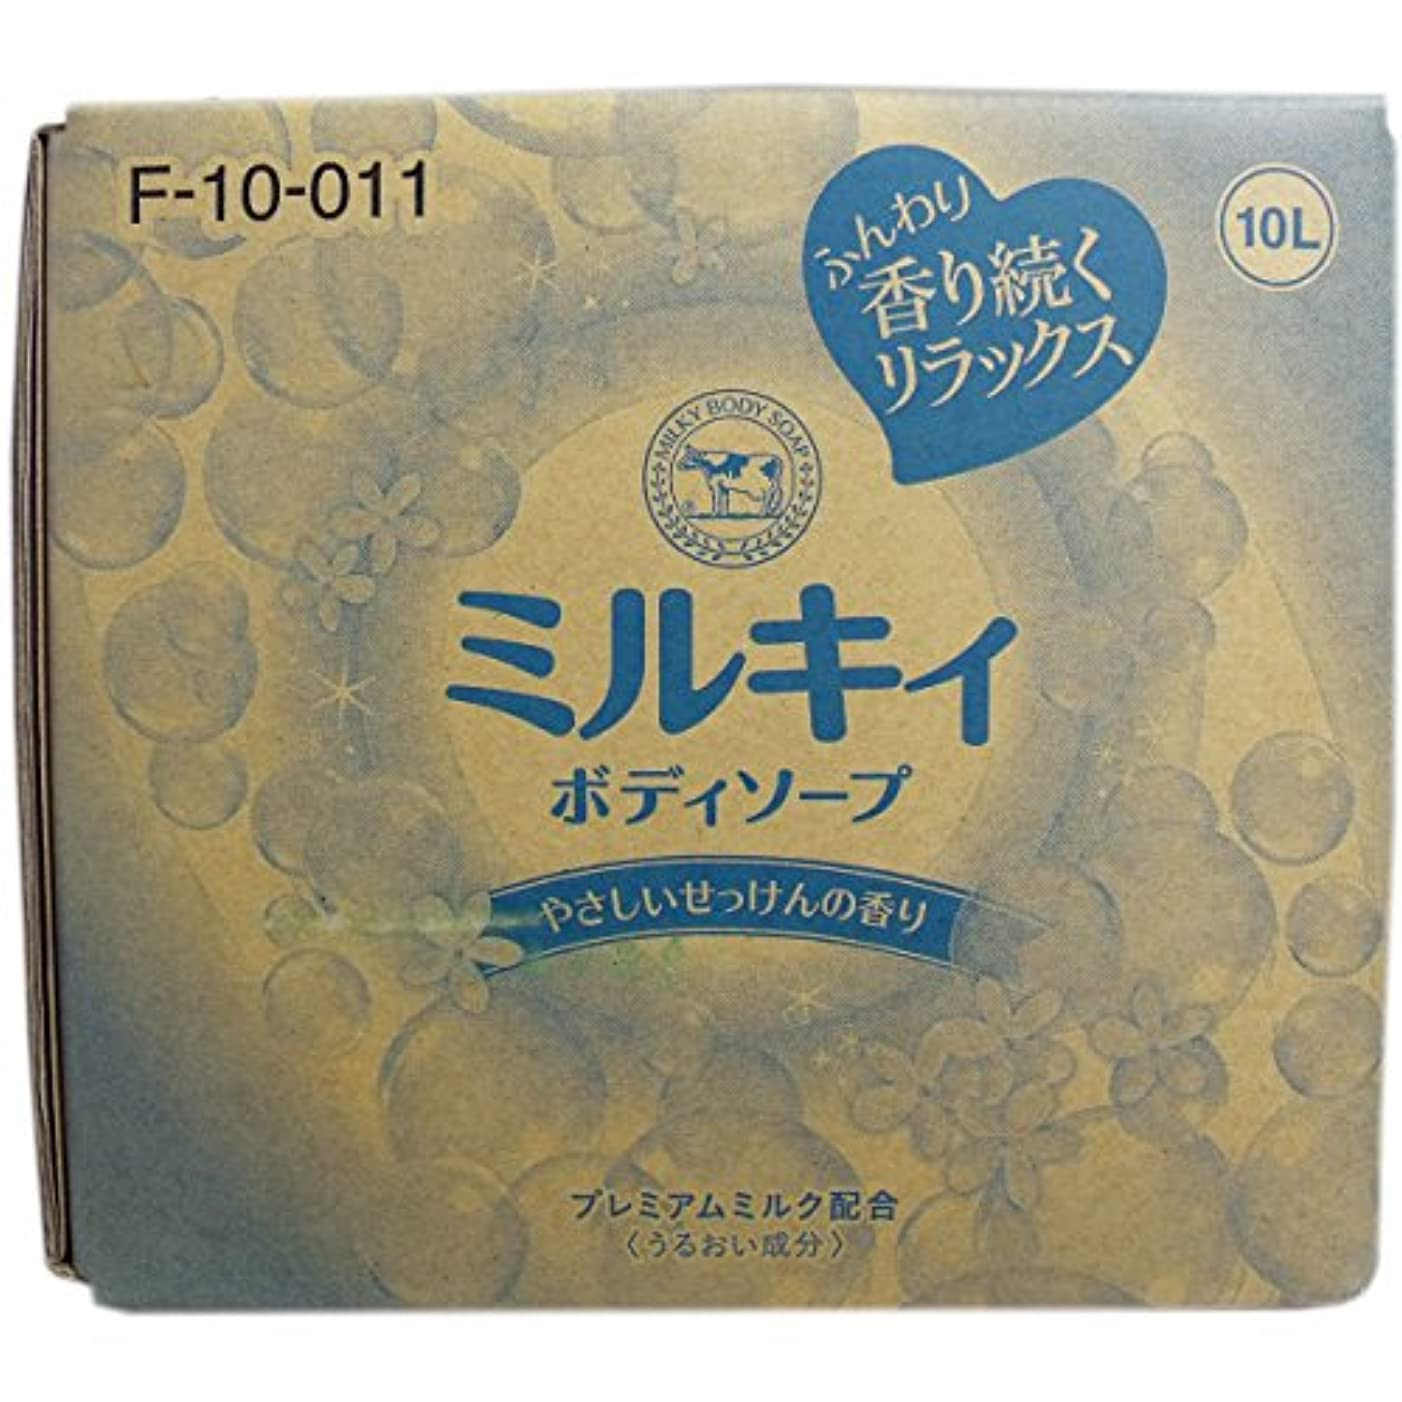 エーカーシャークタオル業務用ボディーソープ【牛乳石鹸 ミルキィボディソープ やさしいせっけんの香り 10L】